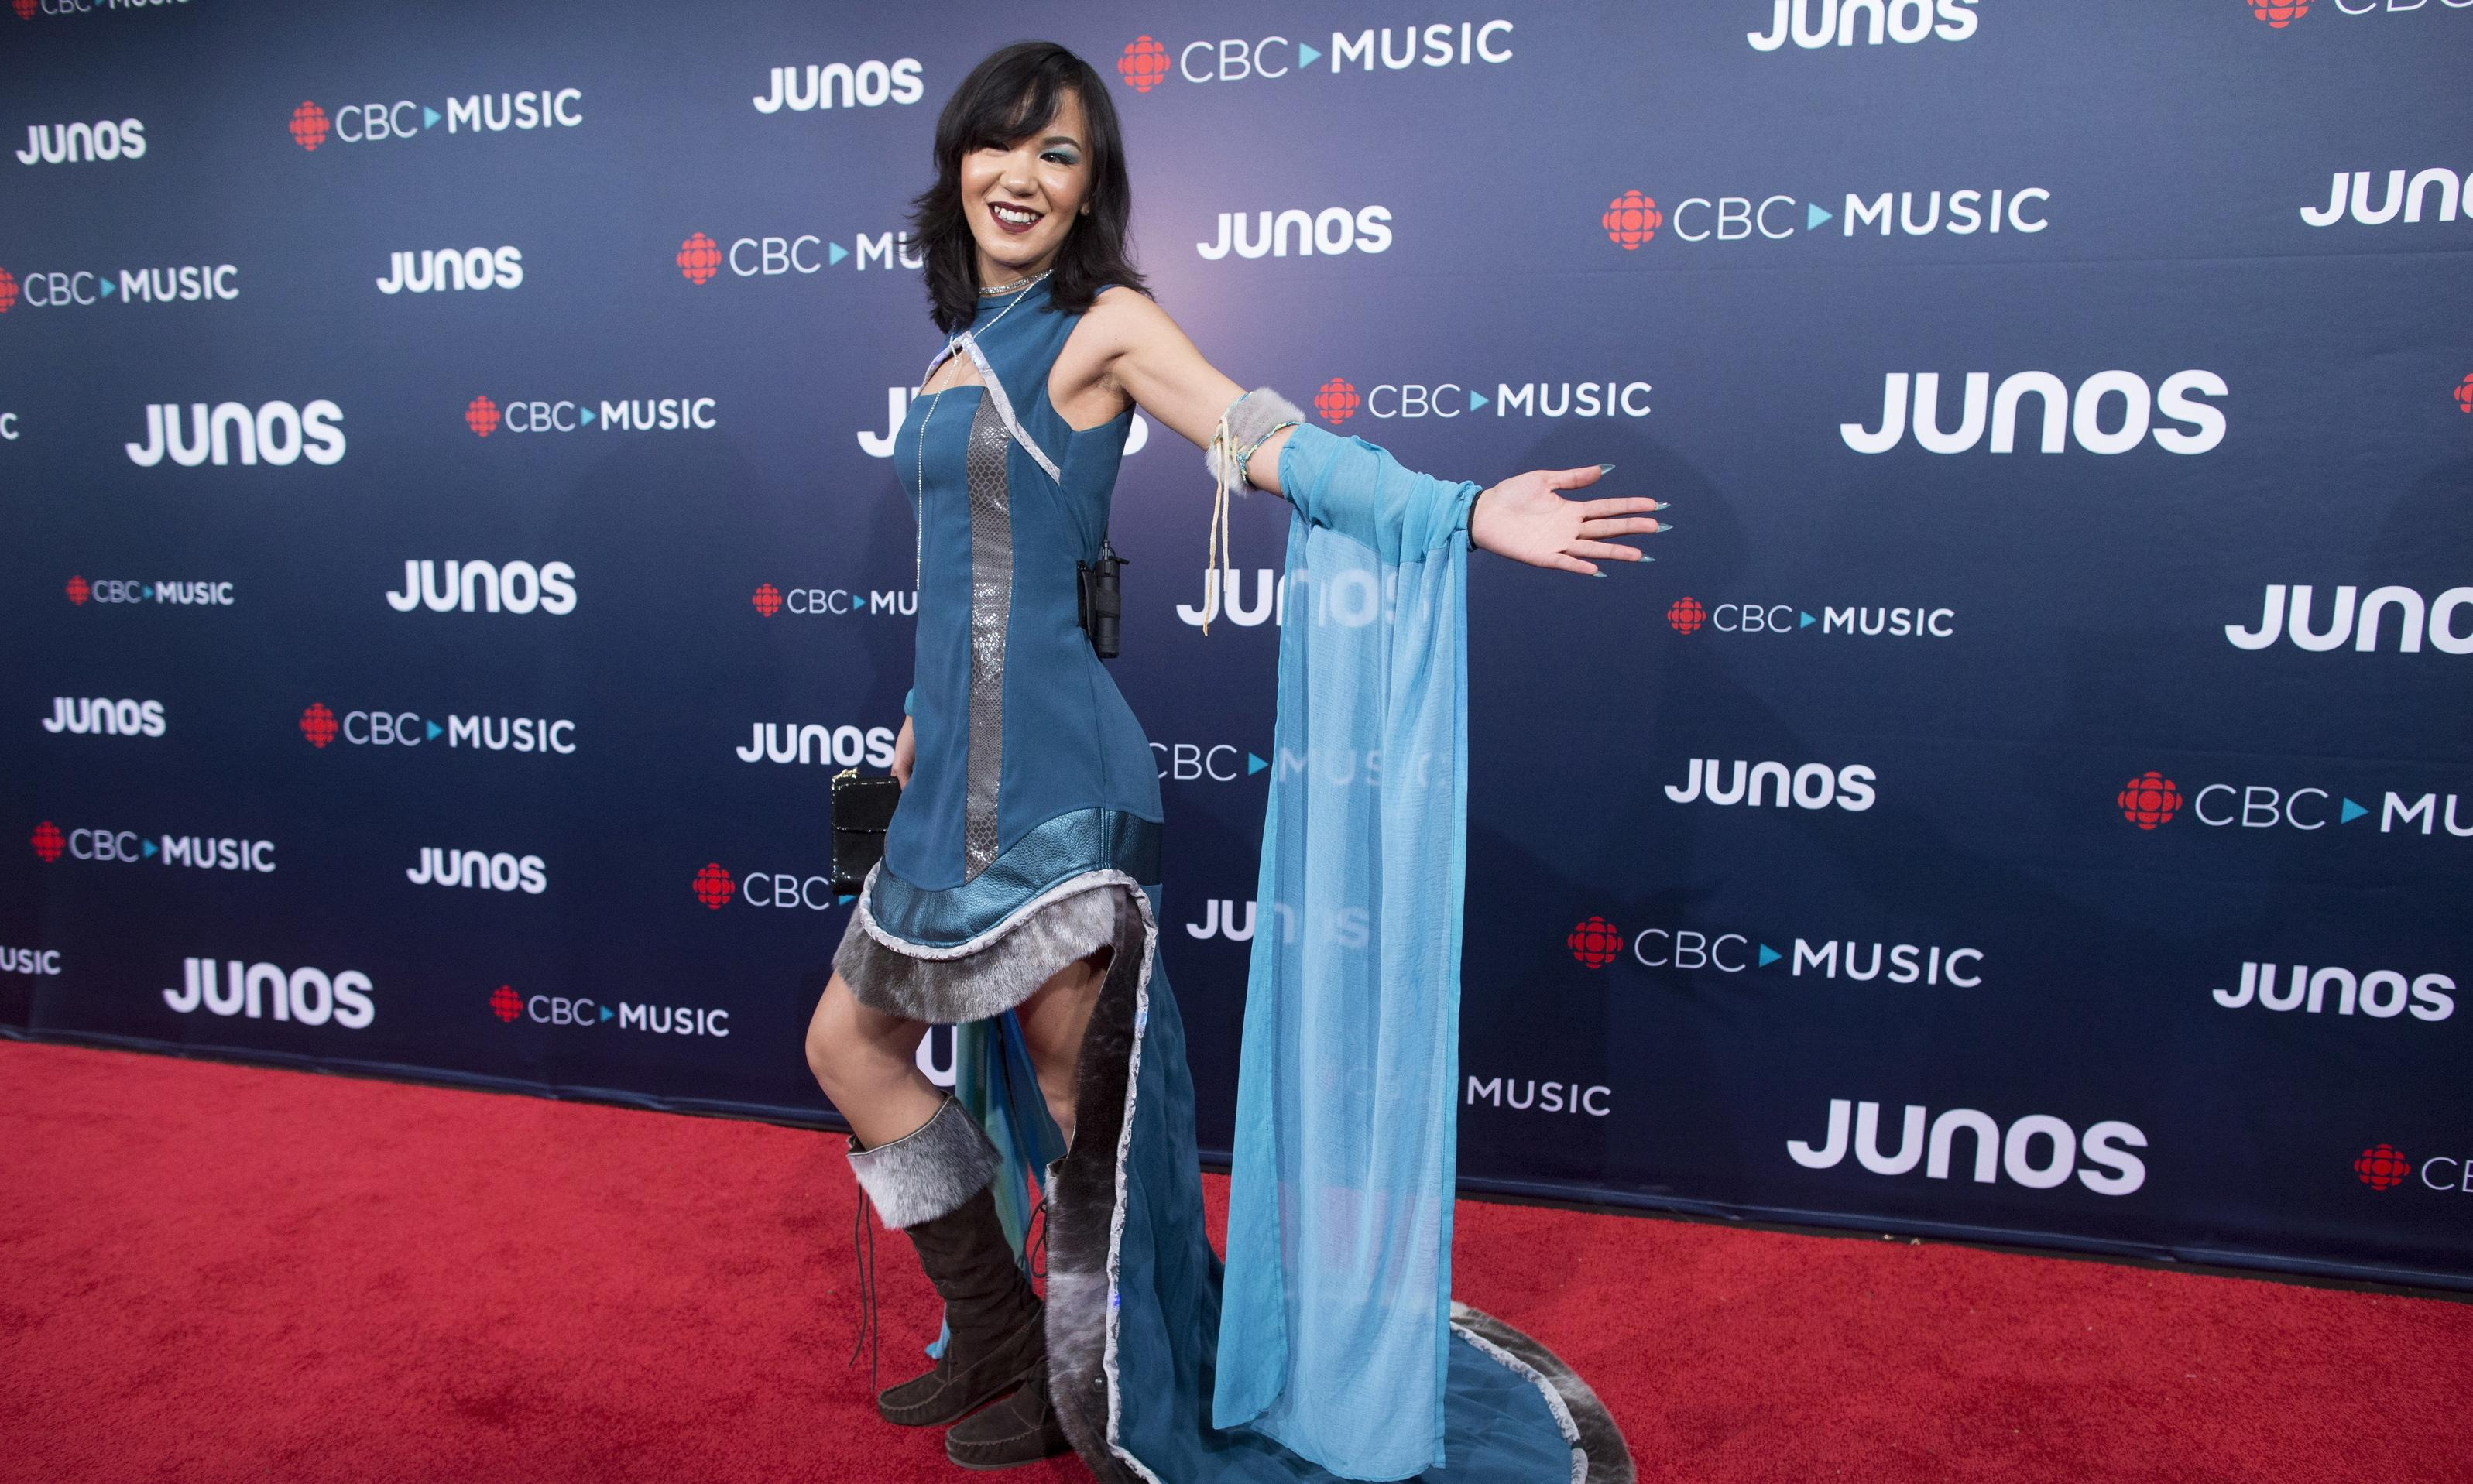 Kelly Fraser, Inuit singer-songwriter, dies aged 26